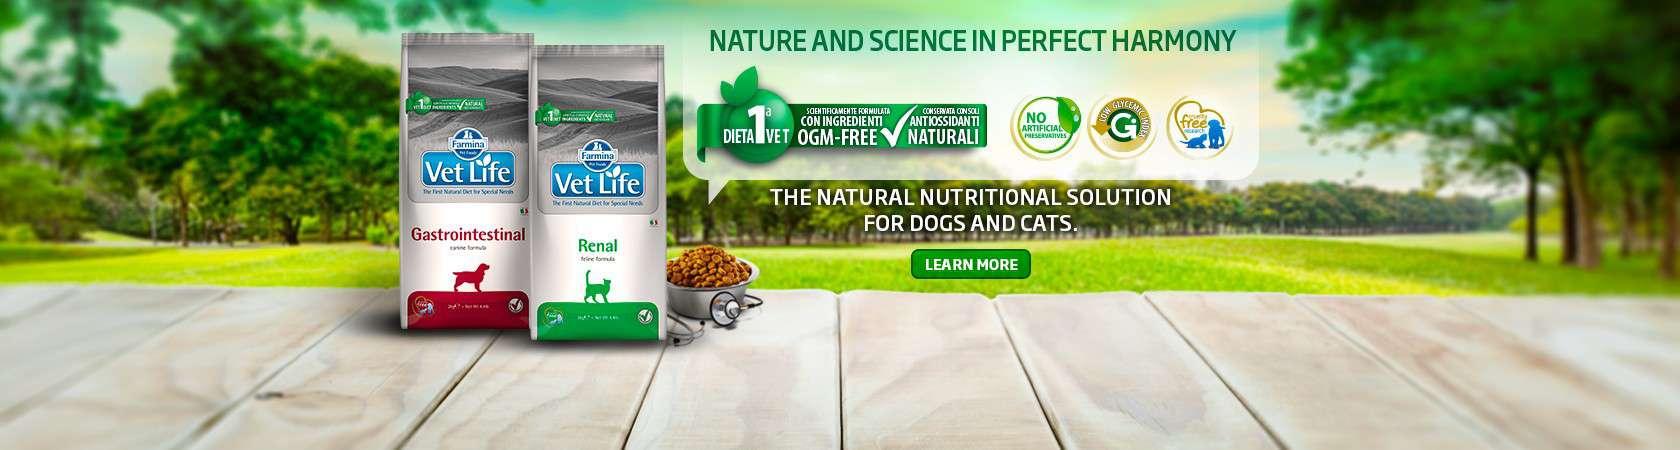 Farmina Dog Food Reviews, Recalls & Coupons [year] 23